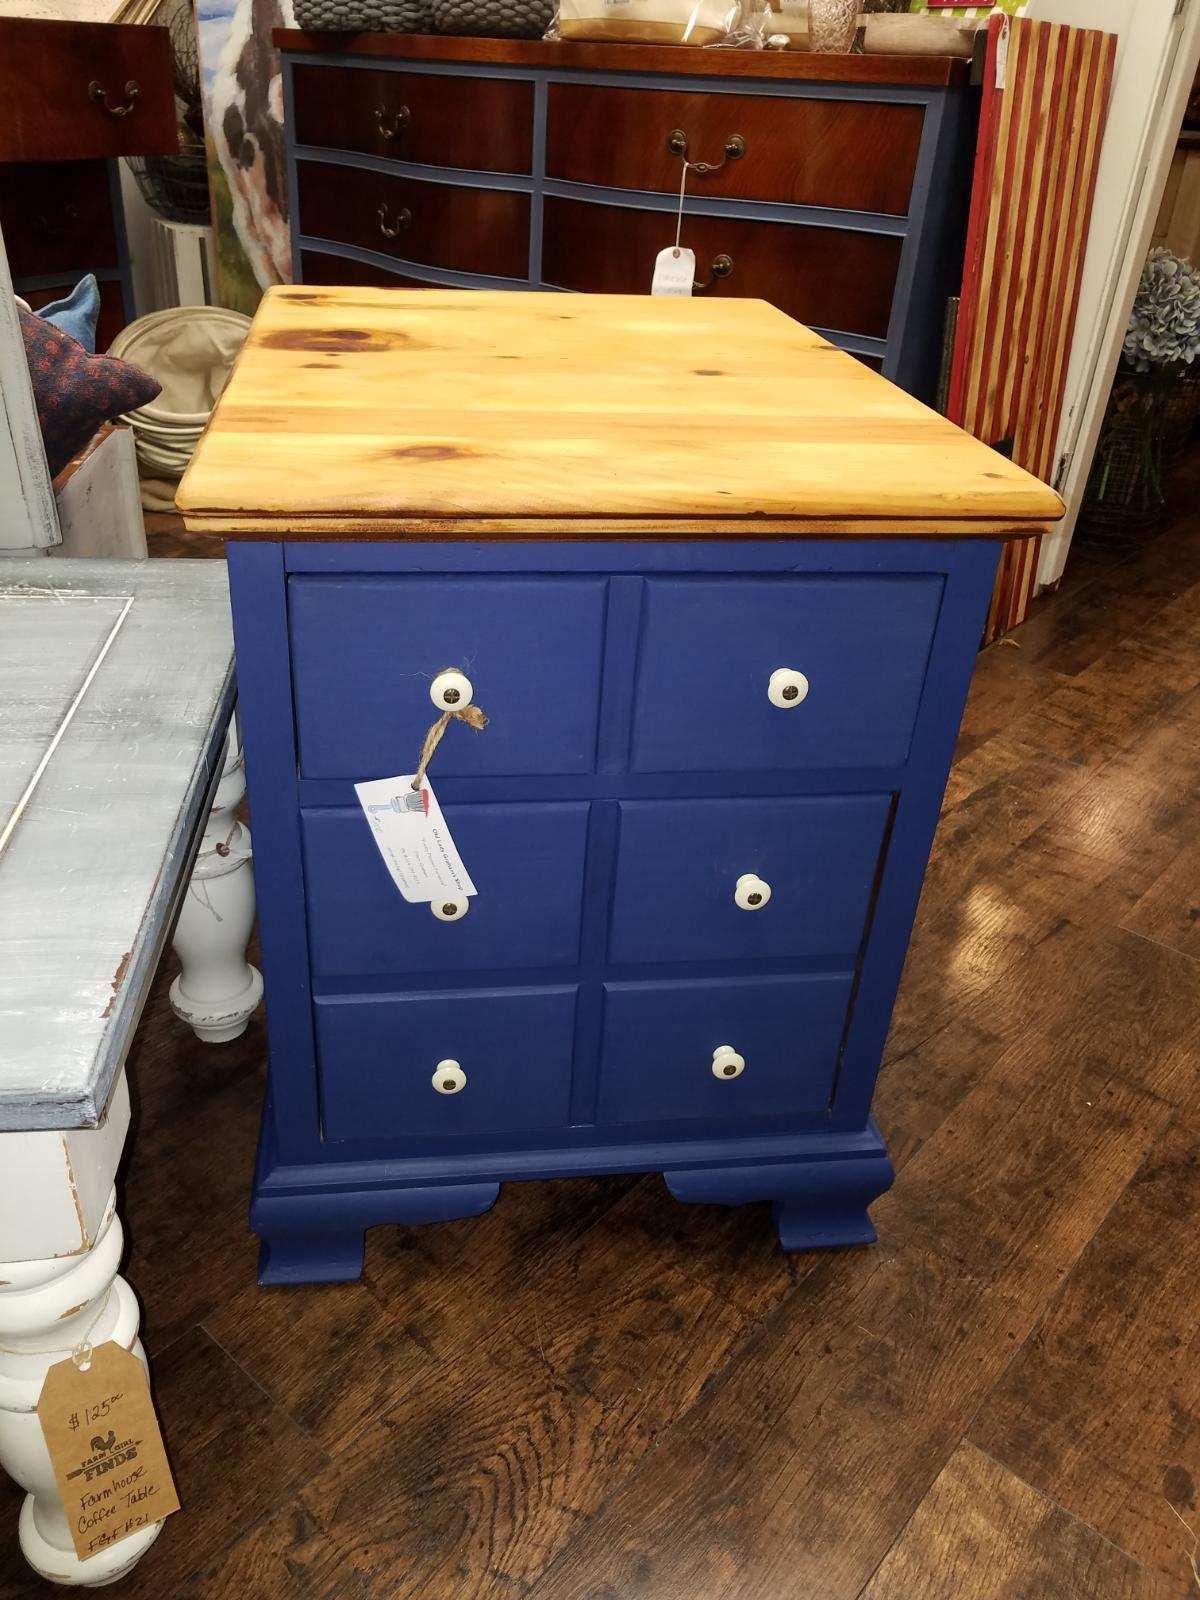 OLG Vintage Wooden Ethan Allen File Cabinet Navy W/ Natural Top olg41